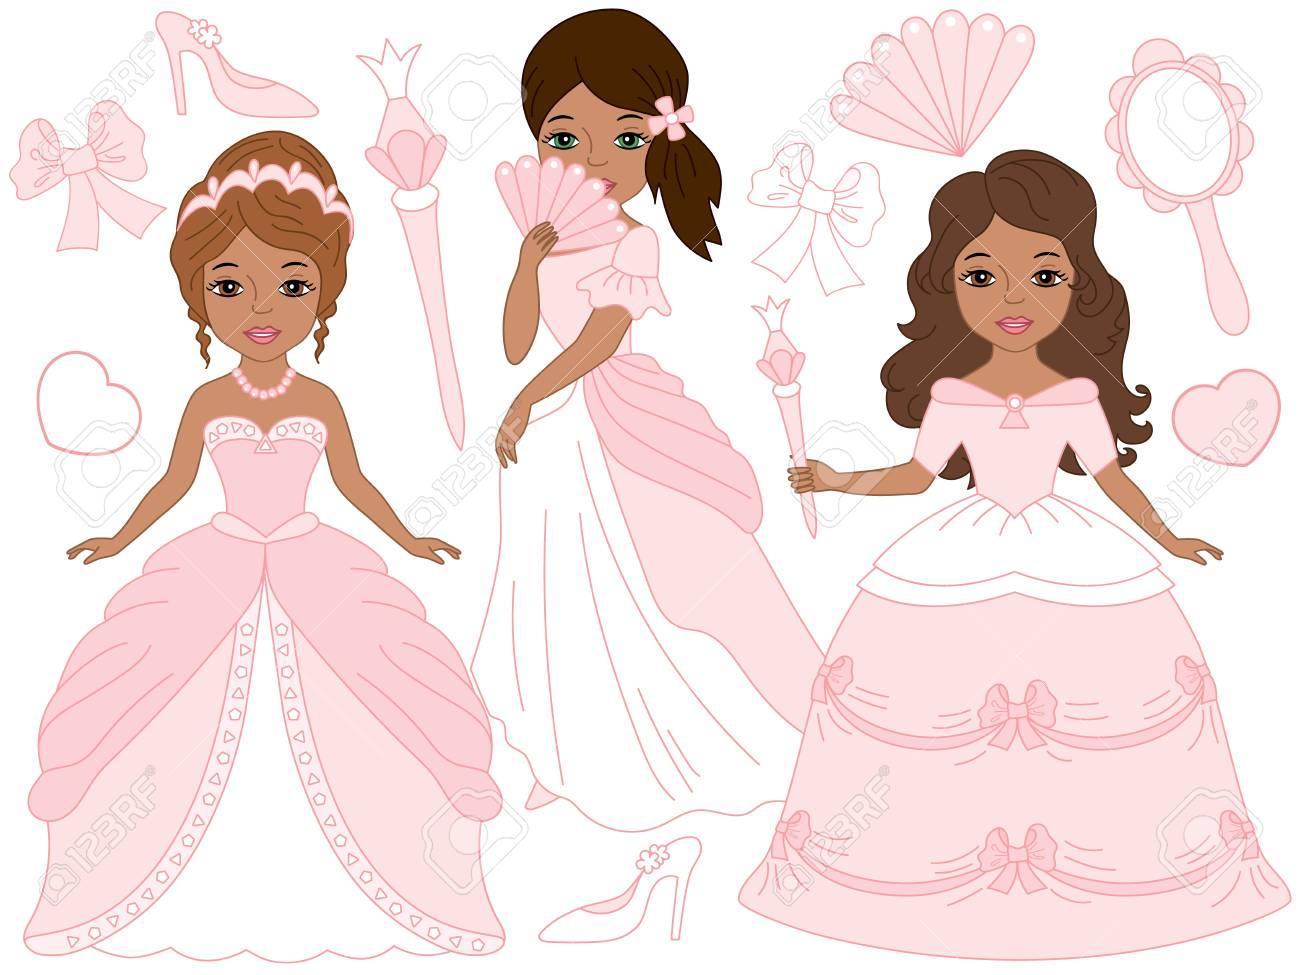 ベクターの美しいピンクのパステルでアフリカ系アメリカ人のお姫様ドレス